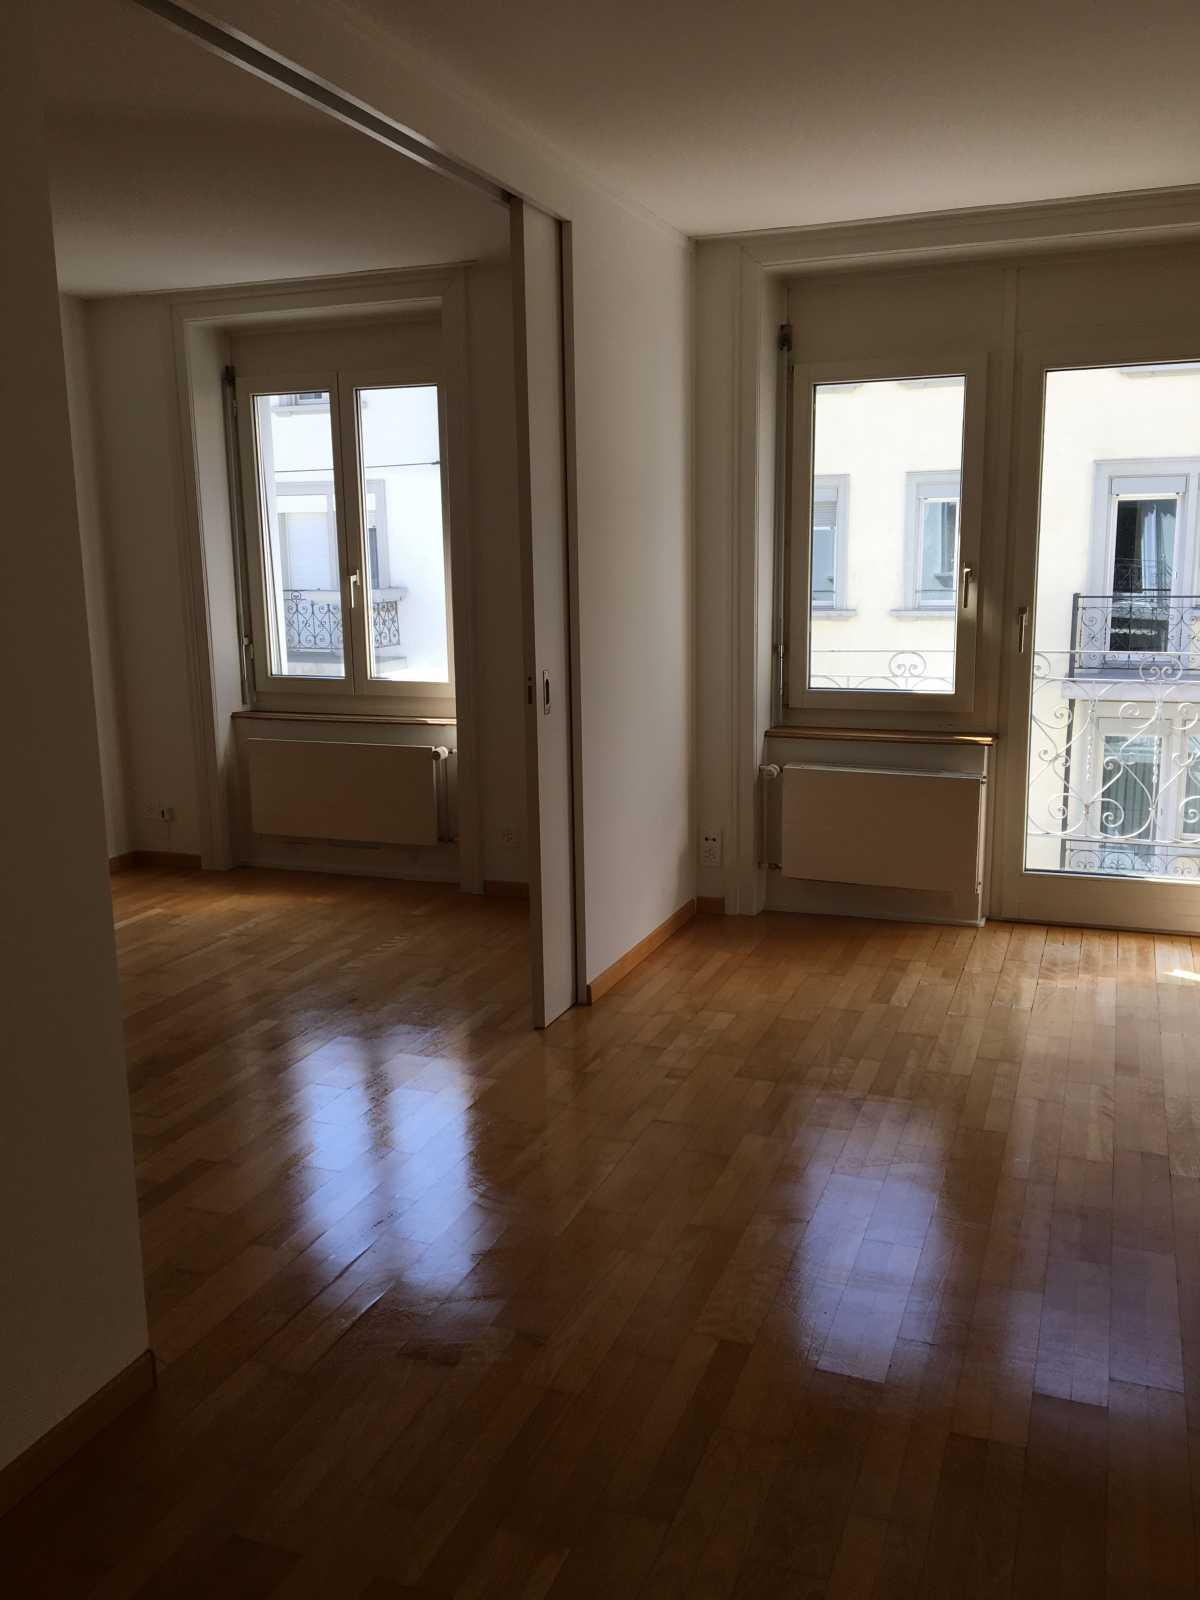 wohnung zu vermieten im kreis 8. Black Bedroom Furniture Sets. Home Design Ideas